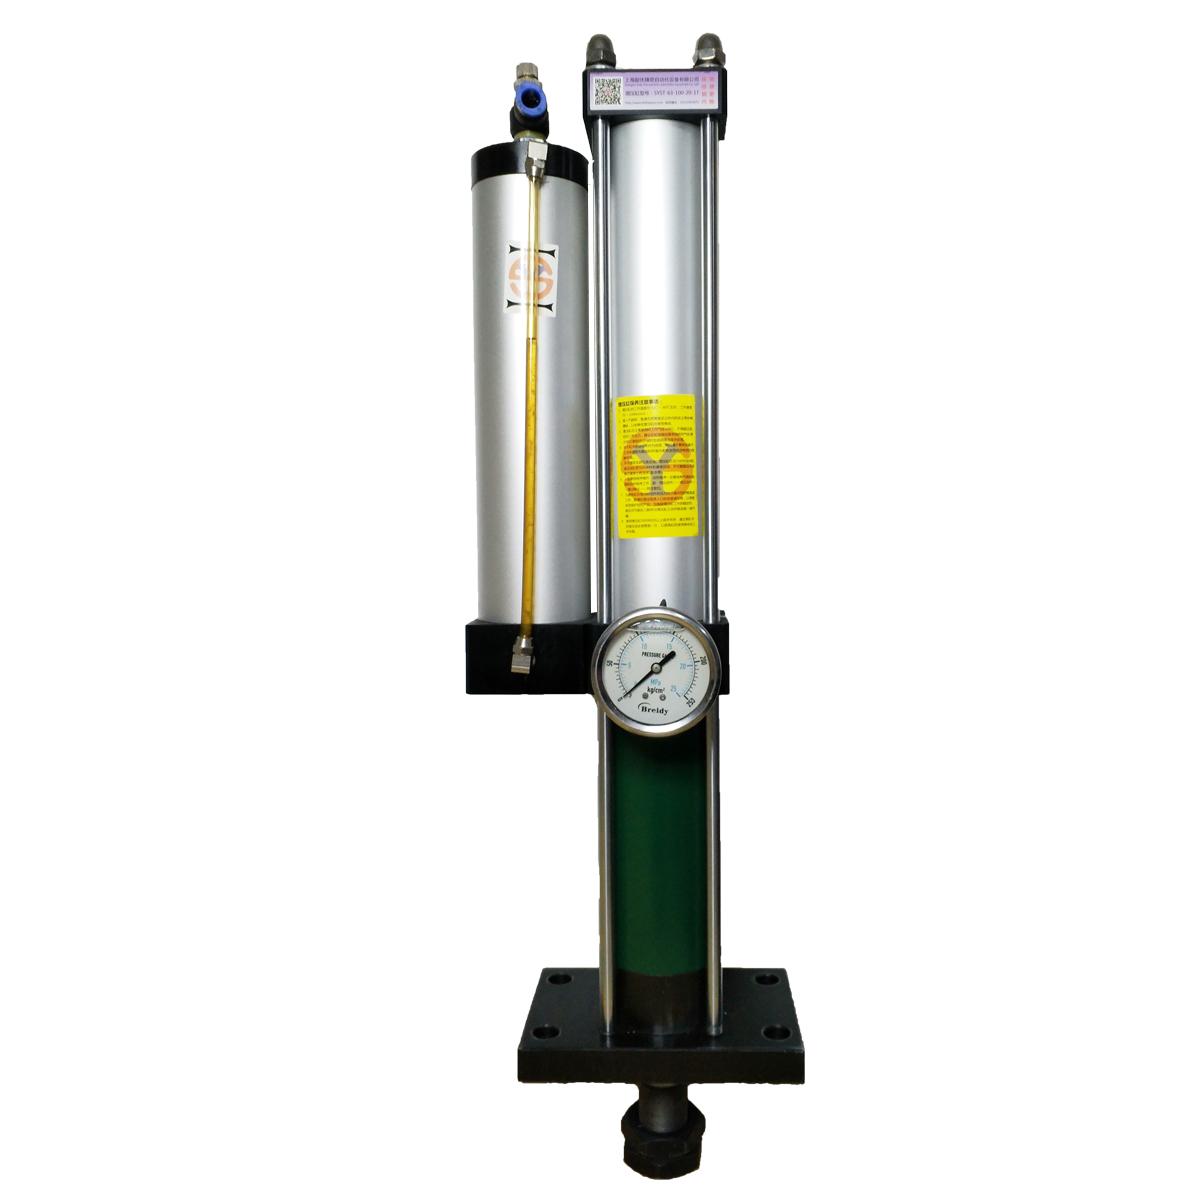 供应1吨标准型气液增压缸 定制爆款 2年包换 终身维护